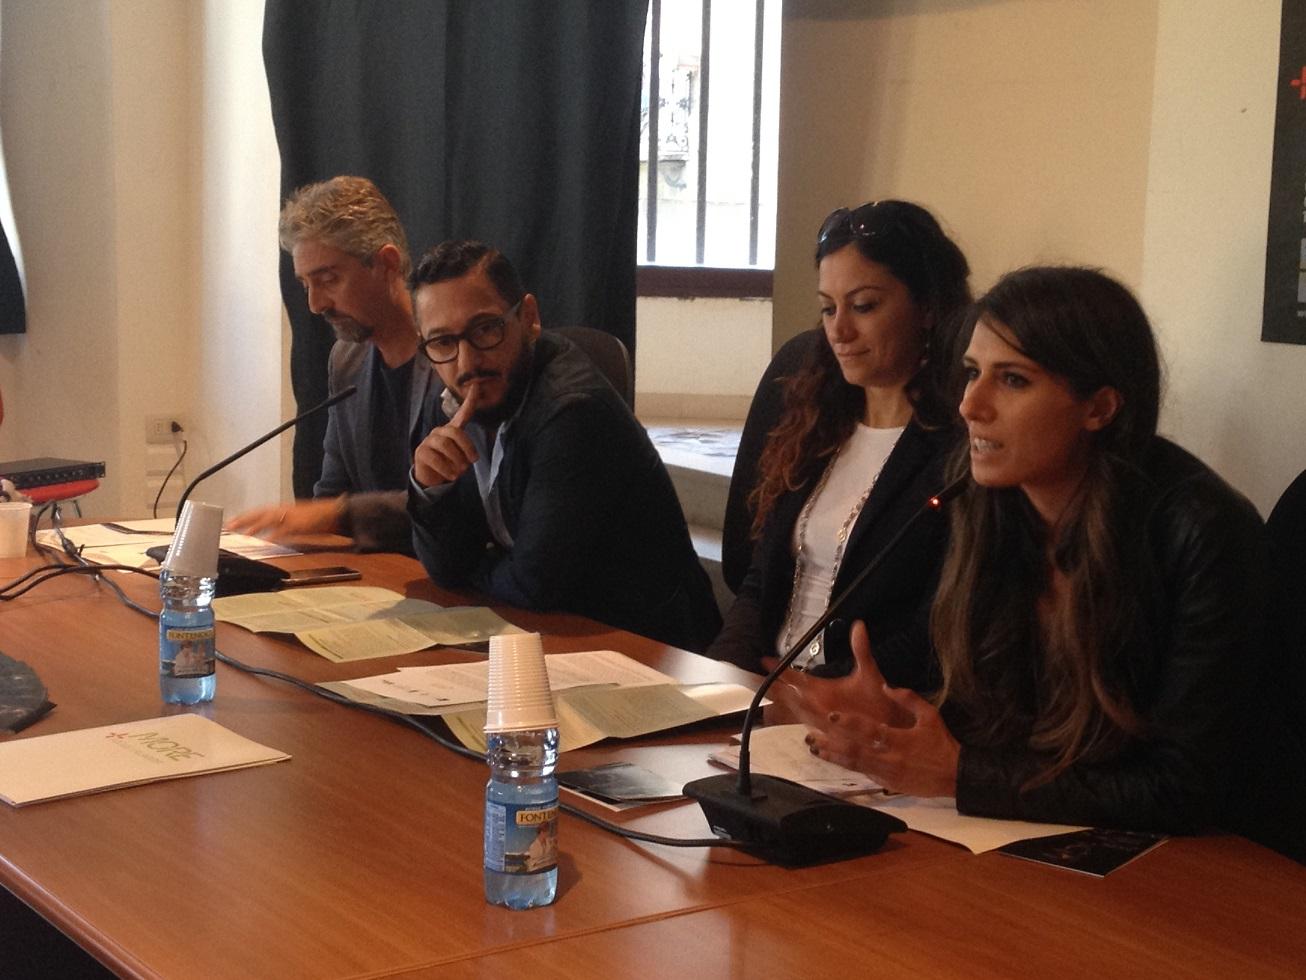 Teatro, presentato Focus Calabria: spettacoli incontri e dibattiti al Castello Svevo a Cosenza